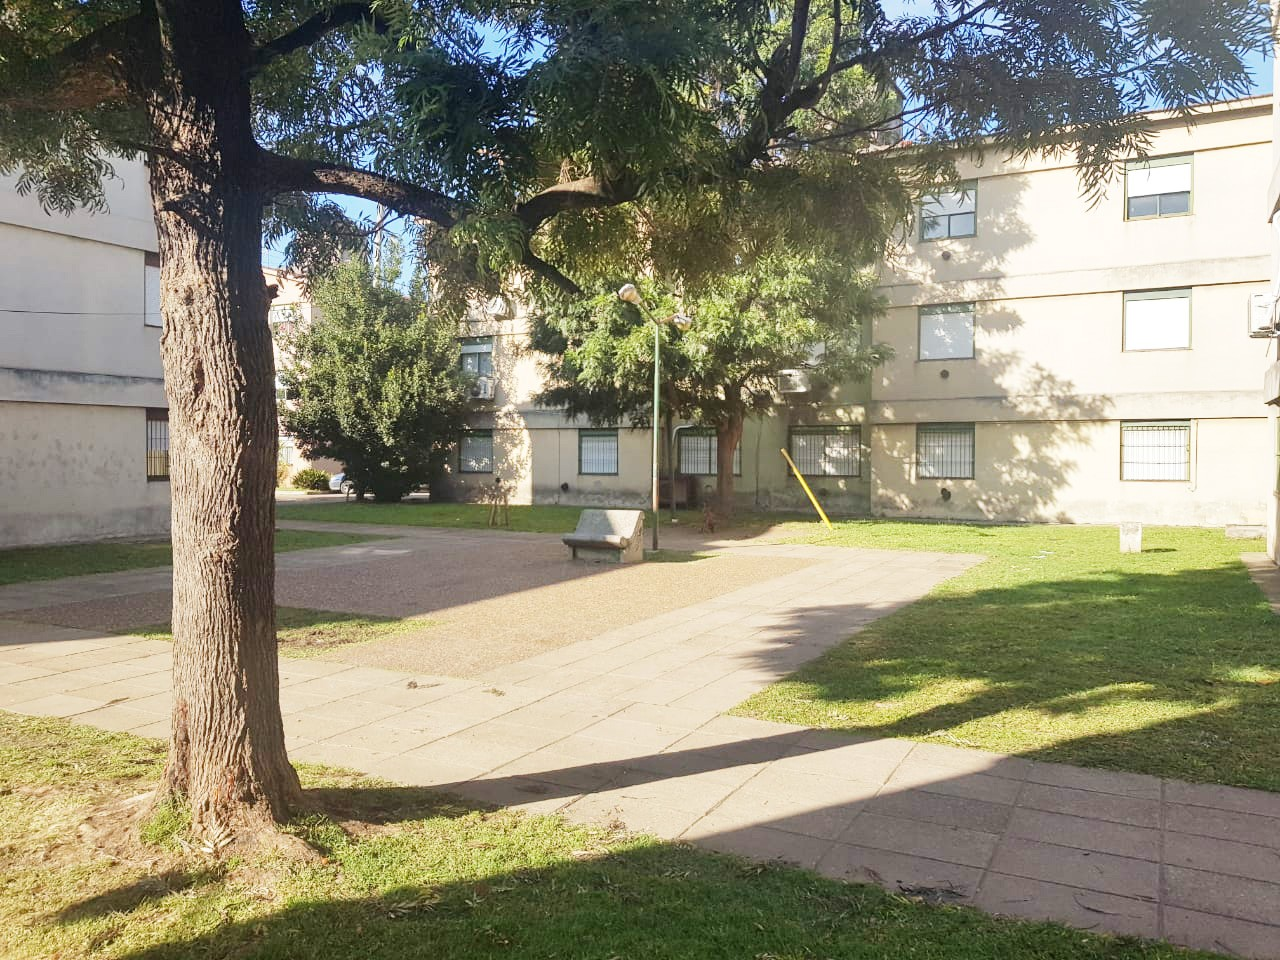 Departamento tres habitaciones en Complejo ( San Miguel)